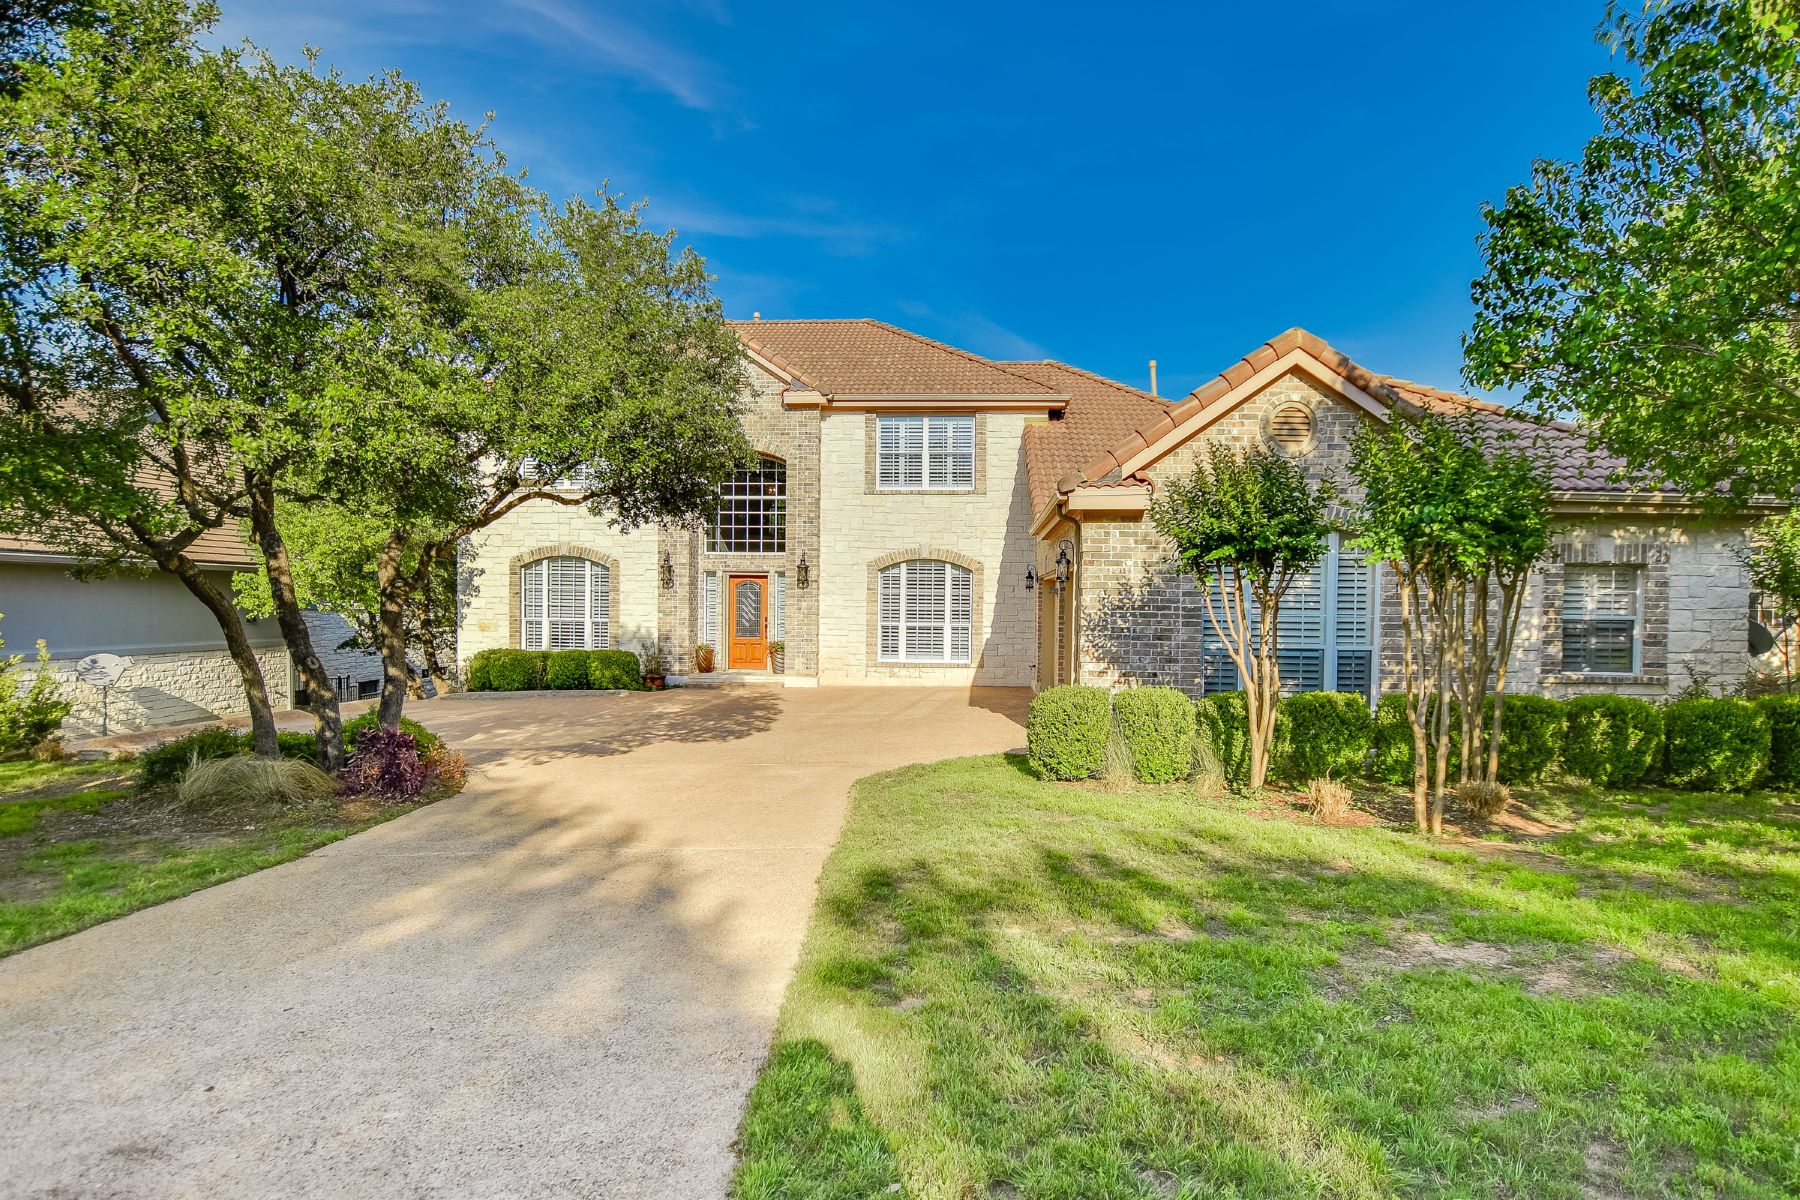 Casa Unifamiliar por un Venta en Bright, Open and Well Maintained 406 Luna Vista The Hills, Texas 78738 Estados Unidos